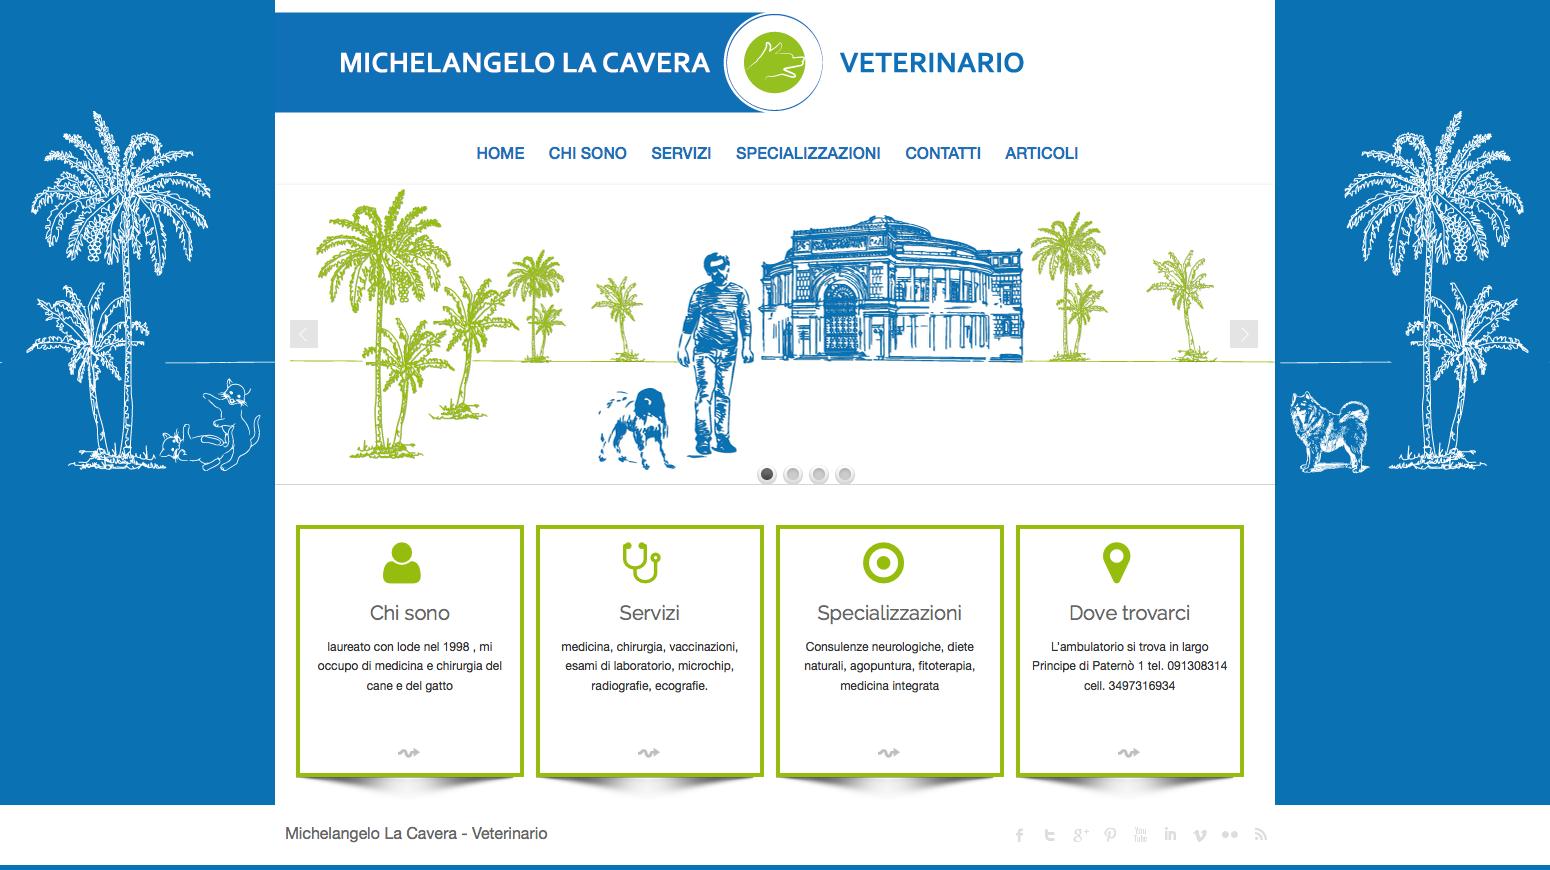 Michelangelo La Cavera Veterinario